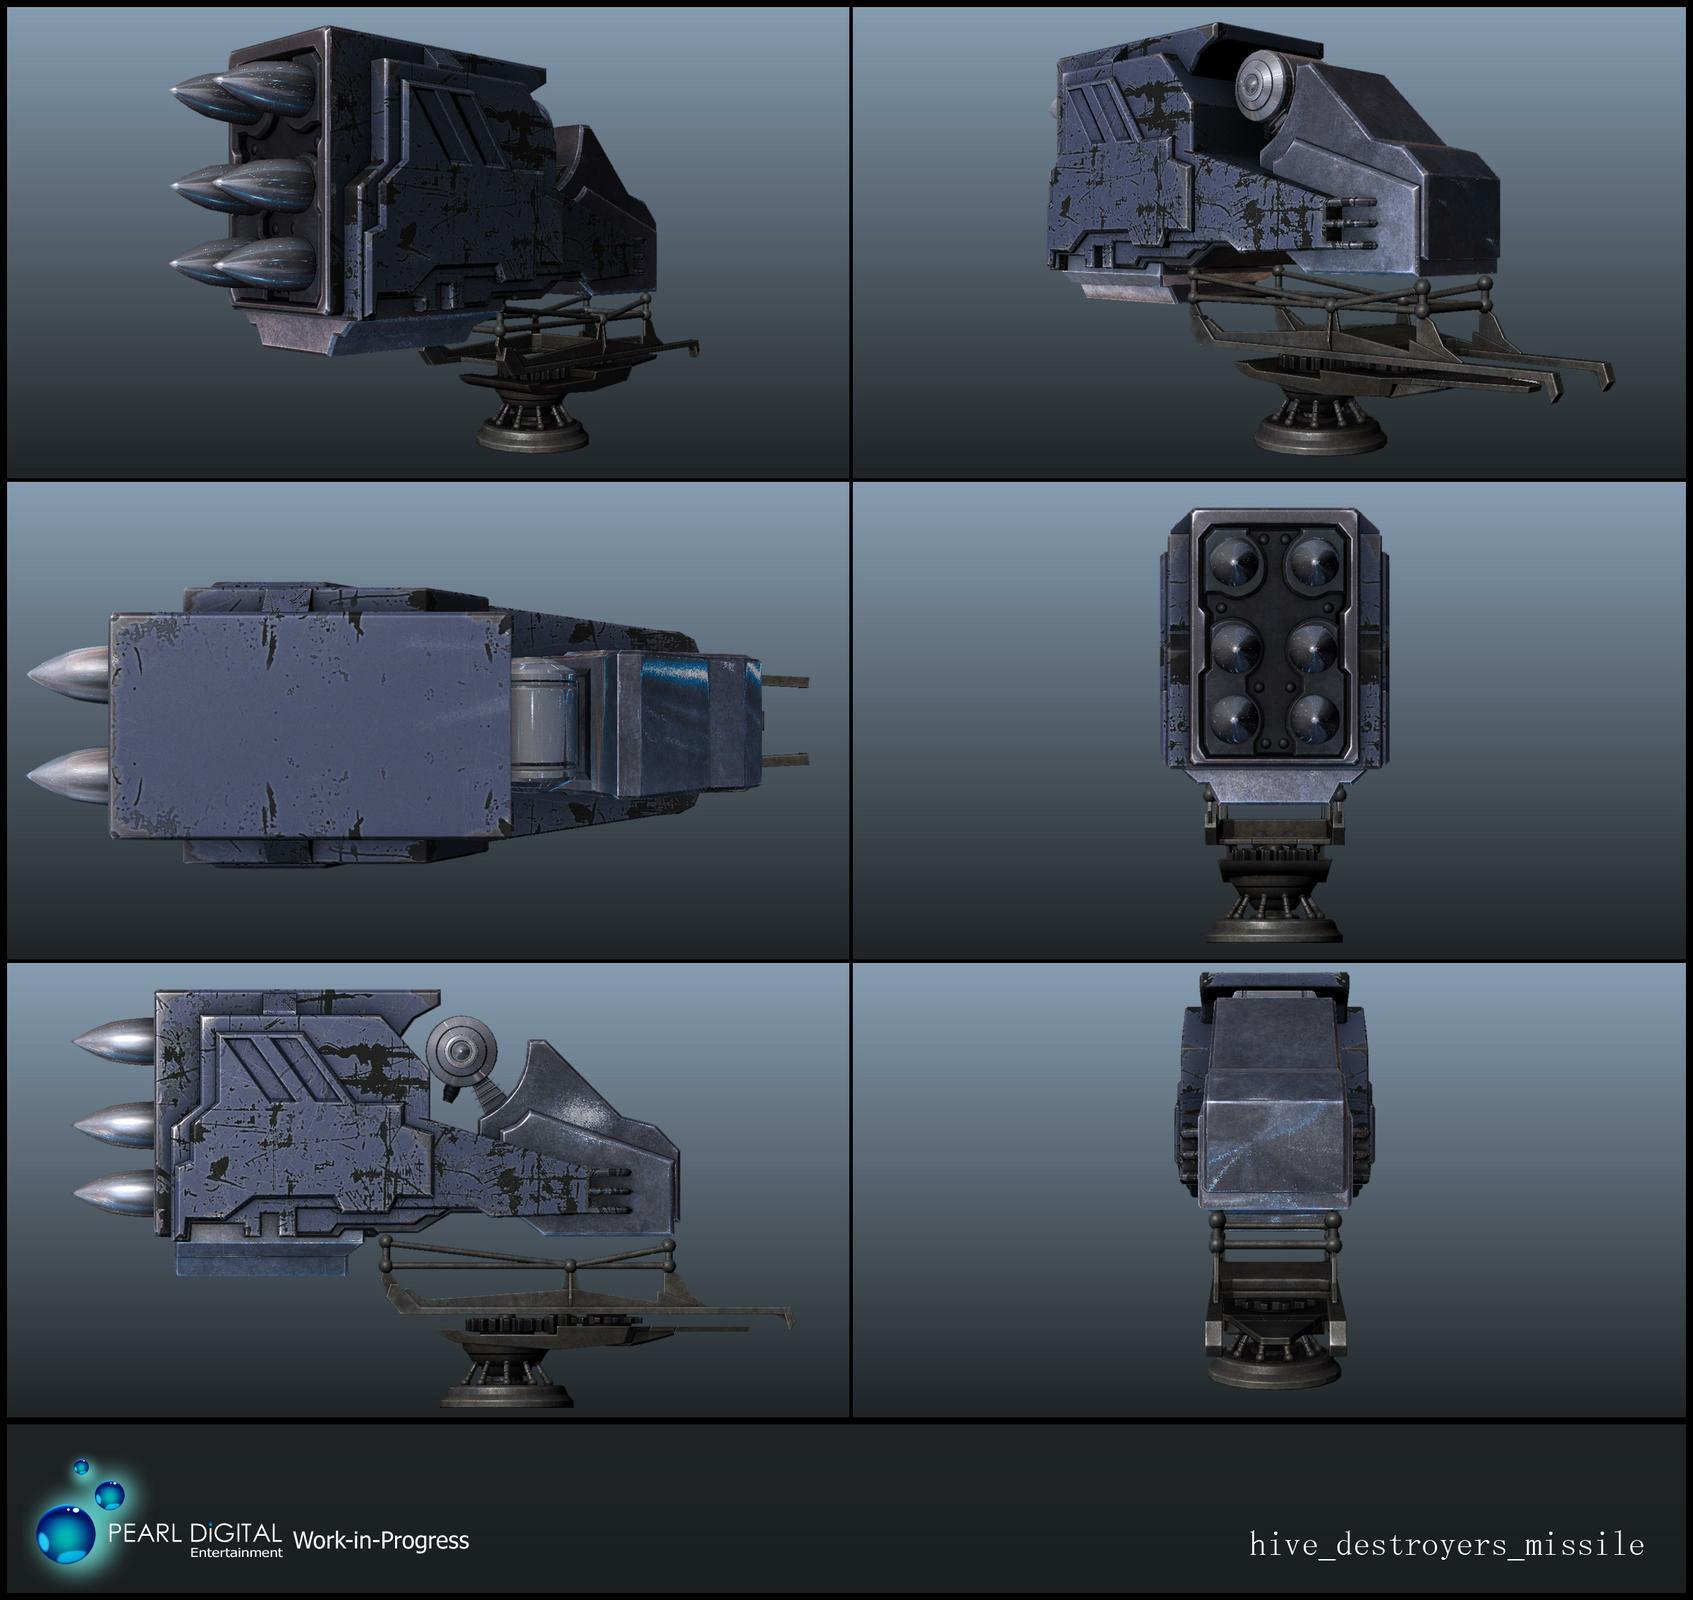 Sherif habashi 45 hive destroyers missile